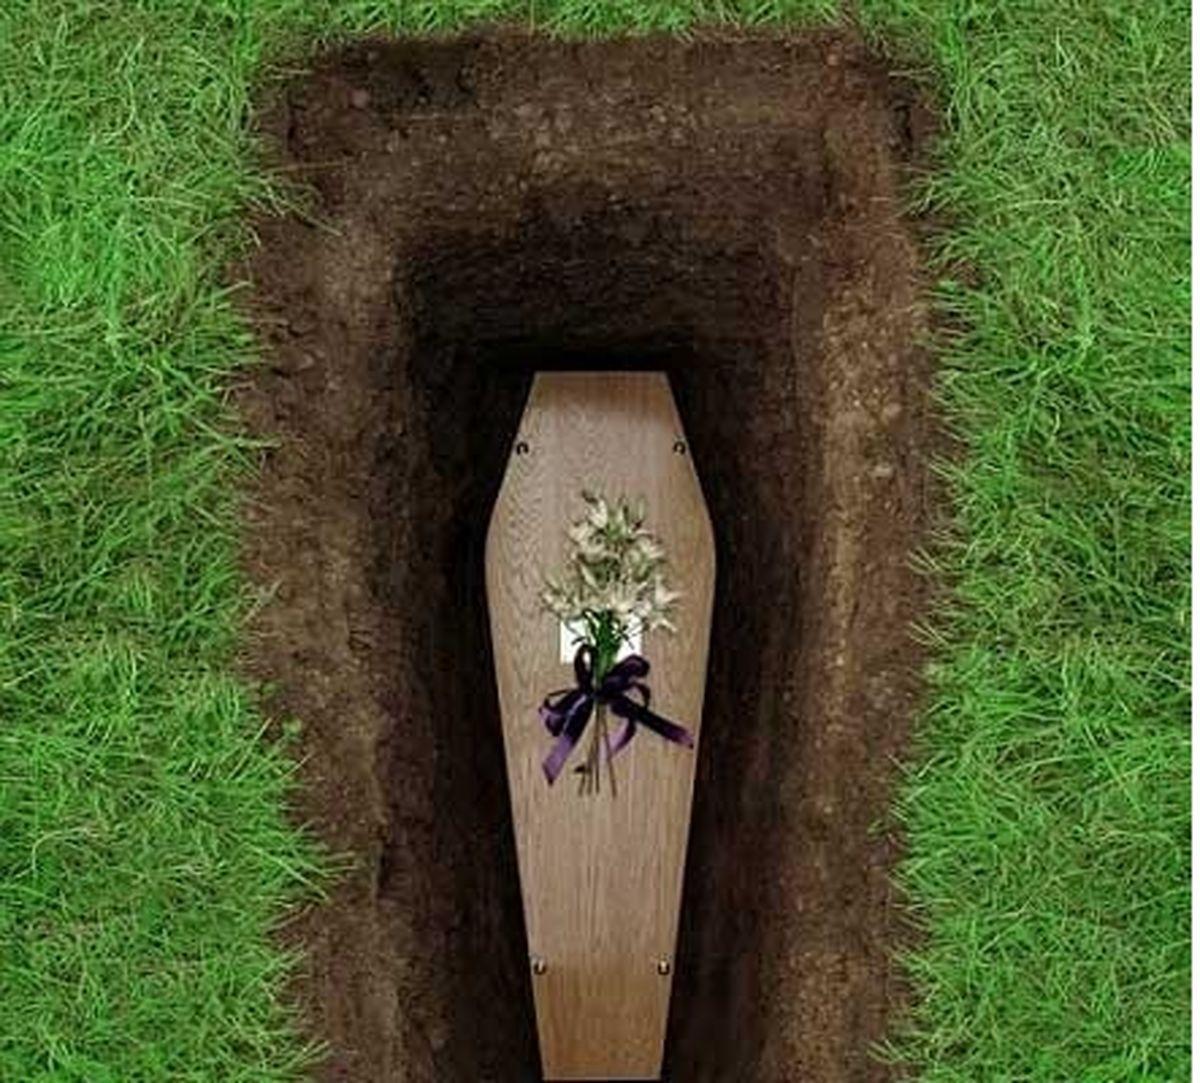 زنی که 10 روز در قبر زنده مانده بود!+عکس